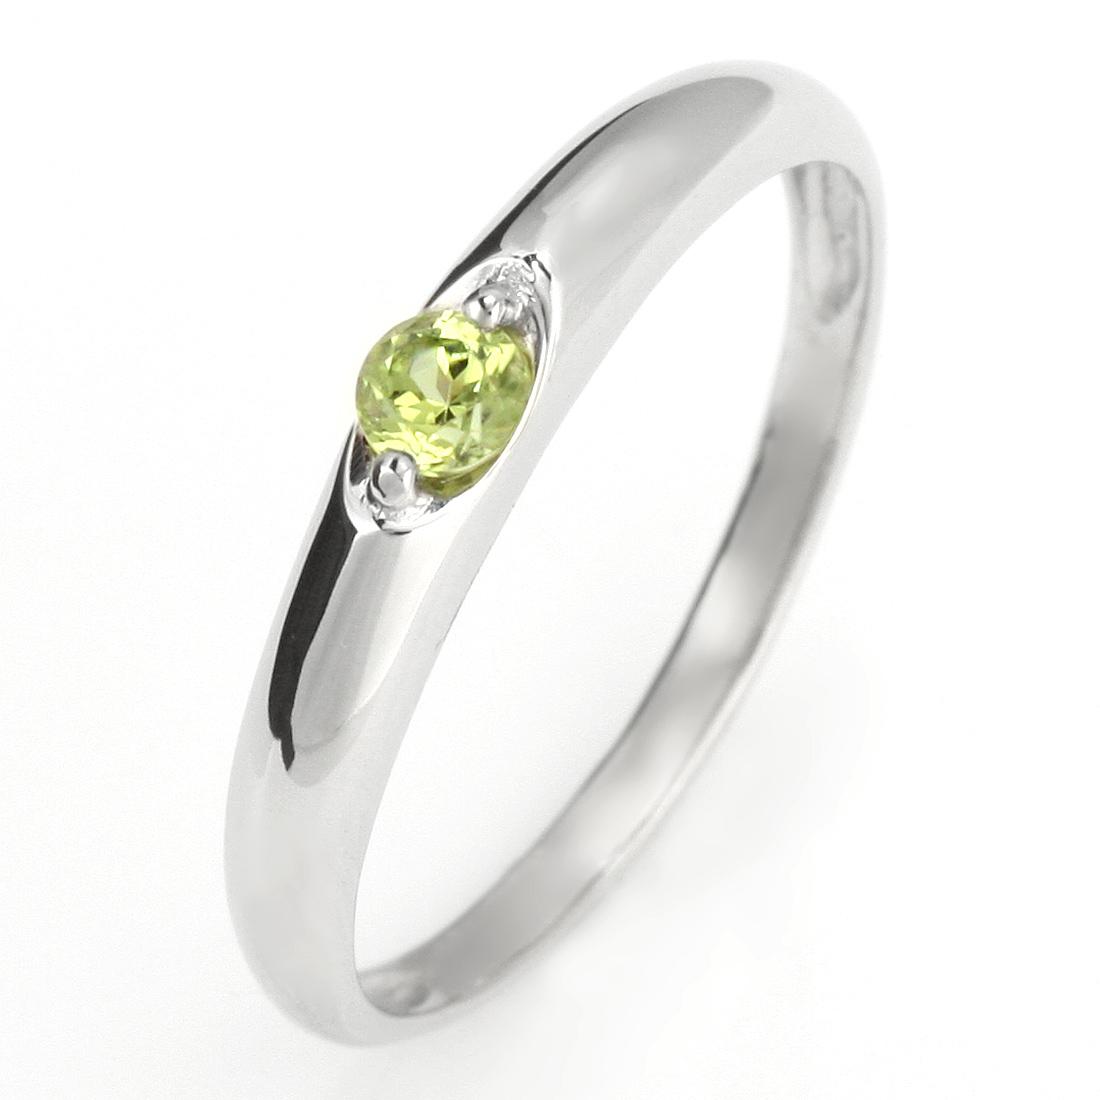 ペアリング 結婚指輪 マリッジリング プラチナ リング ペリドット 8月 誕生石【DEAL】